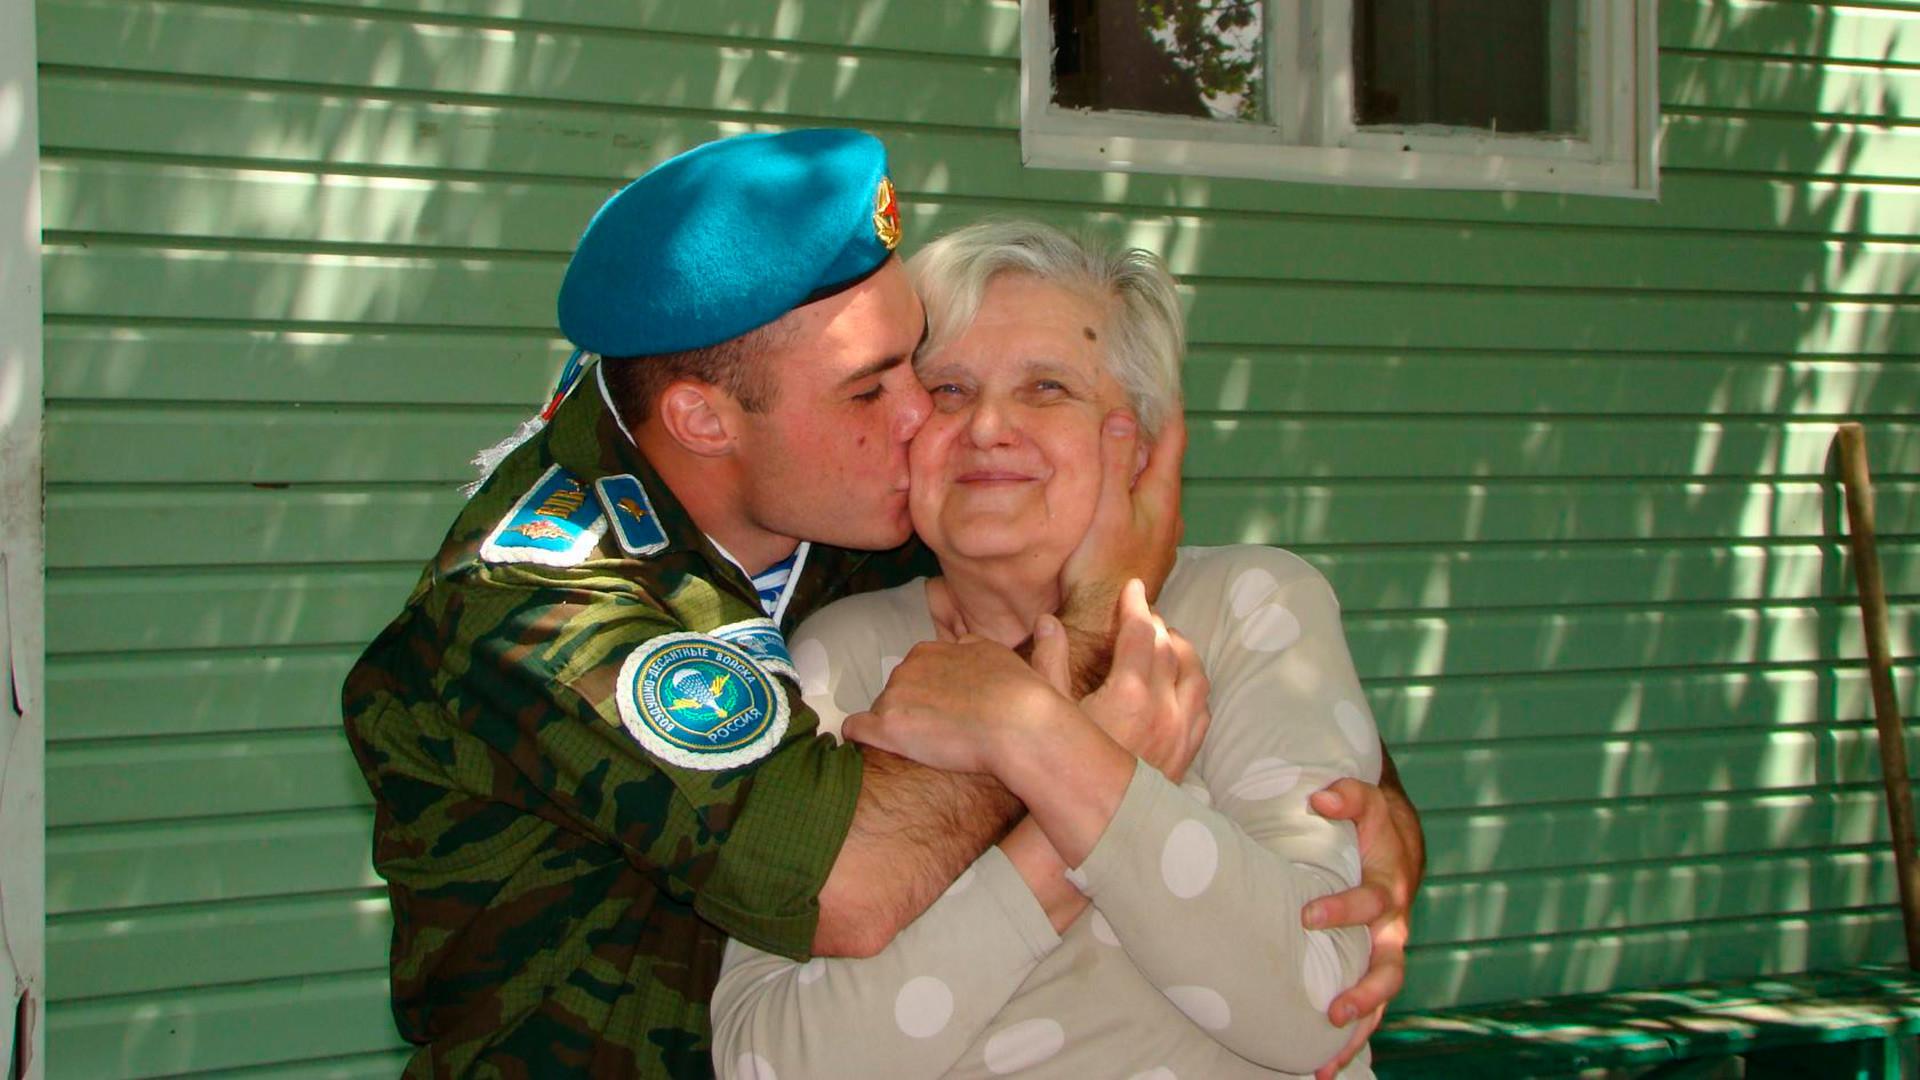 Filho adotivo enche Tatiana de beijos antes de partir para servir ao exército, em maio de 2018.